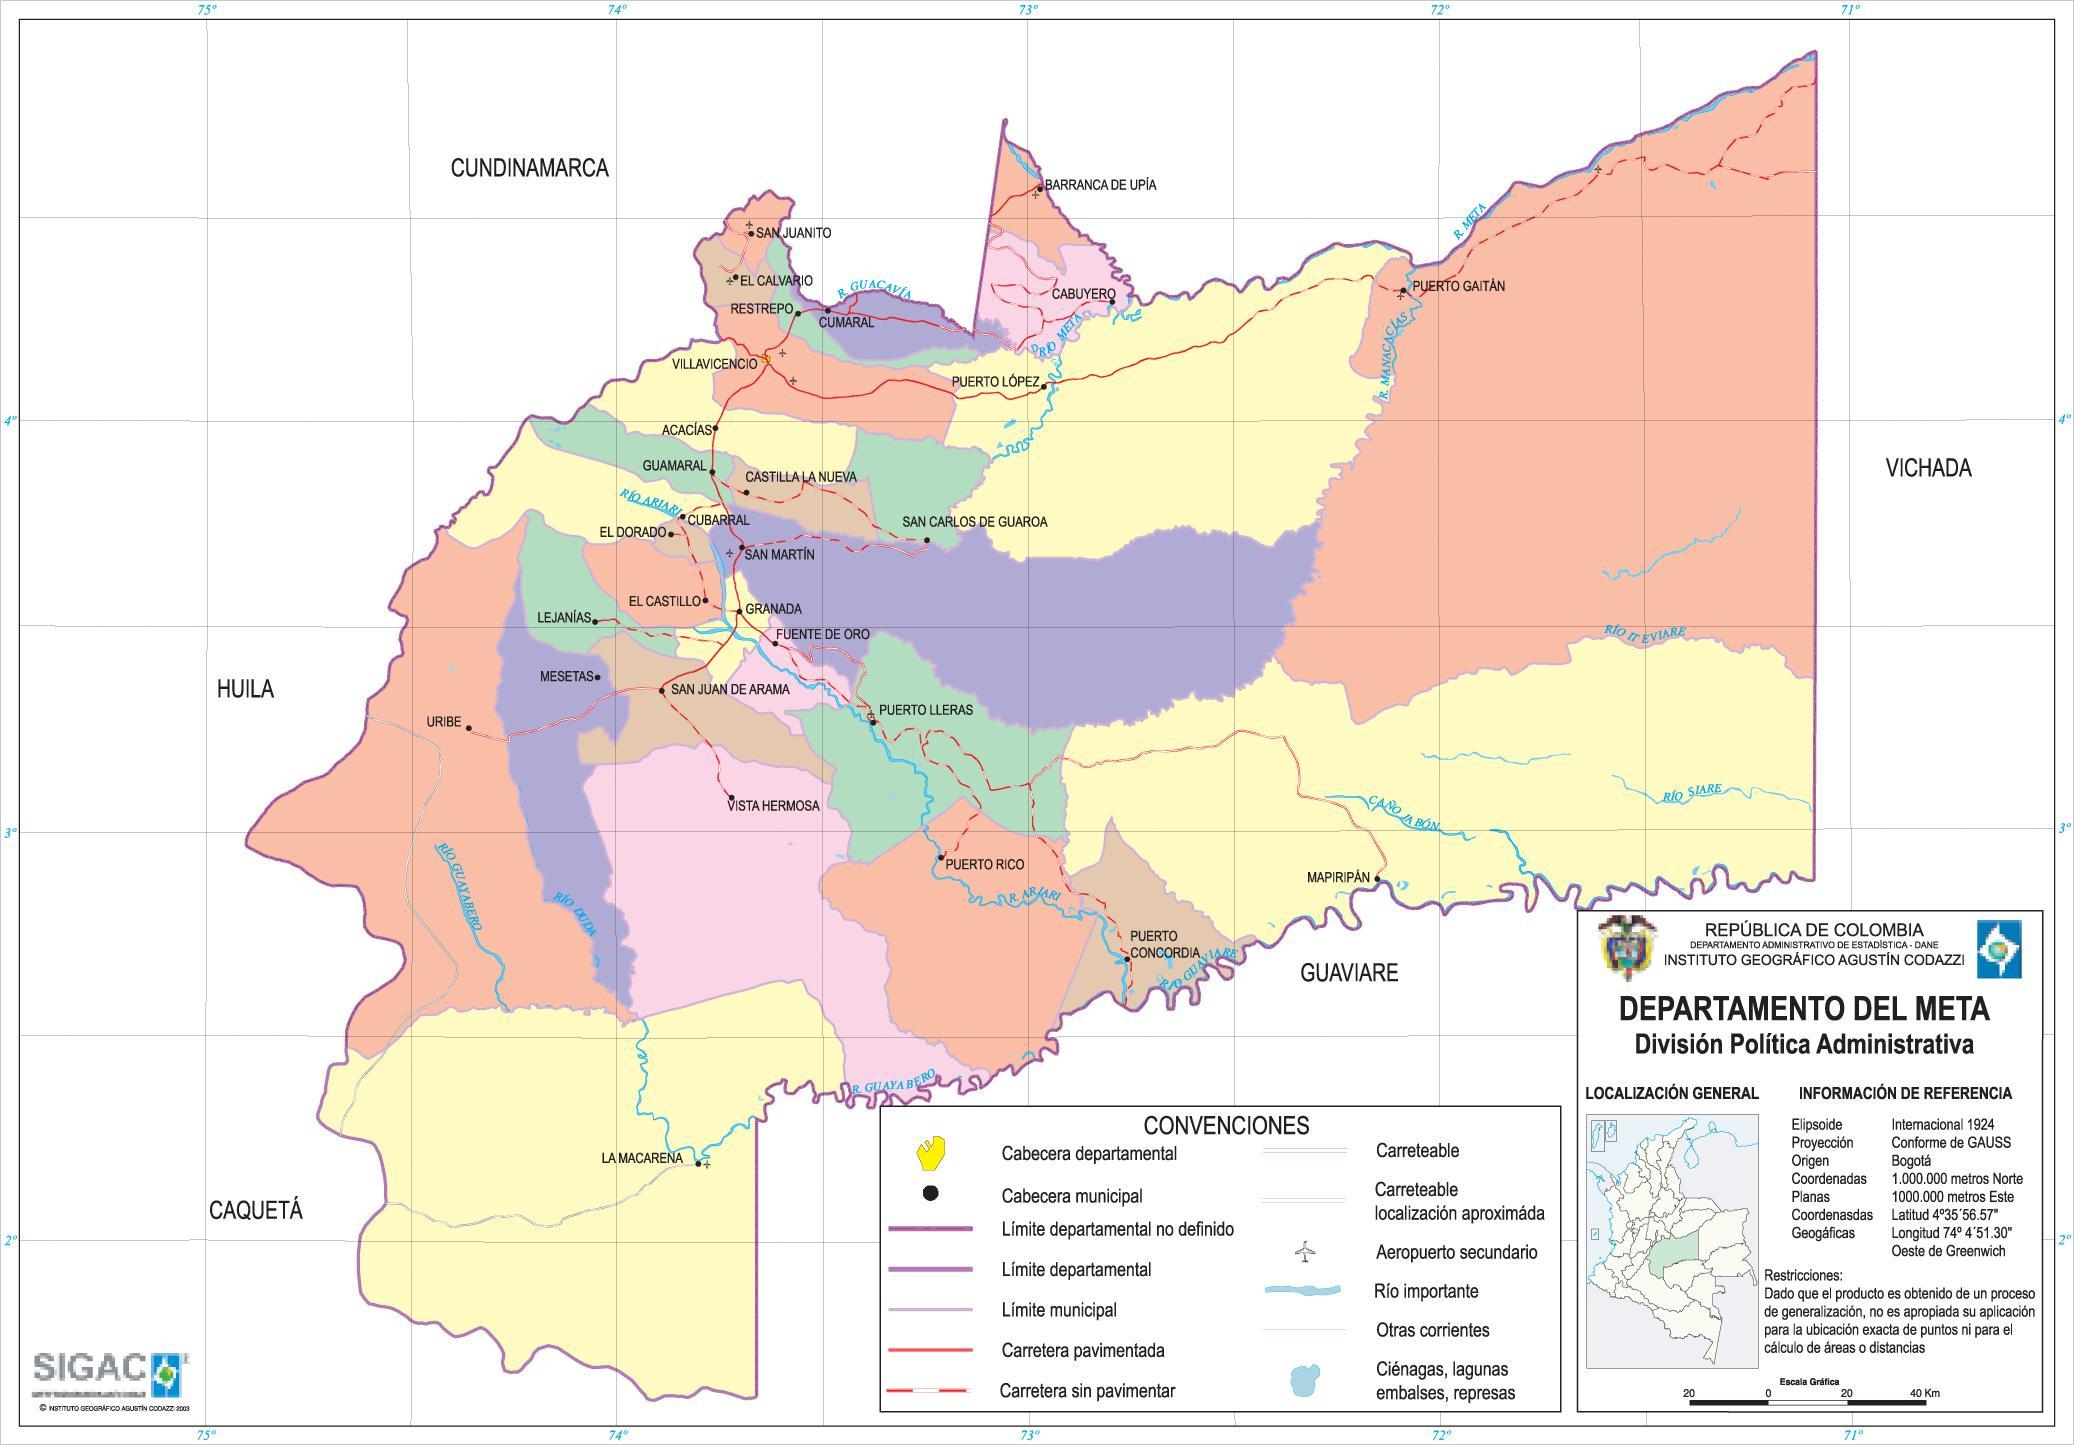 Mapa del Departamento del Meta, Colombia